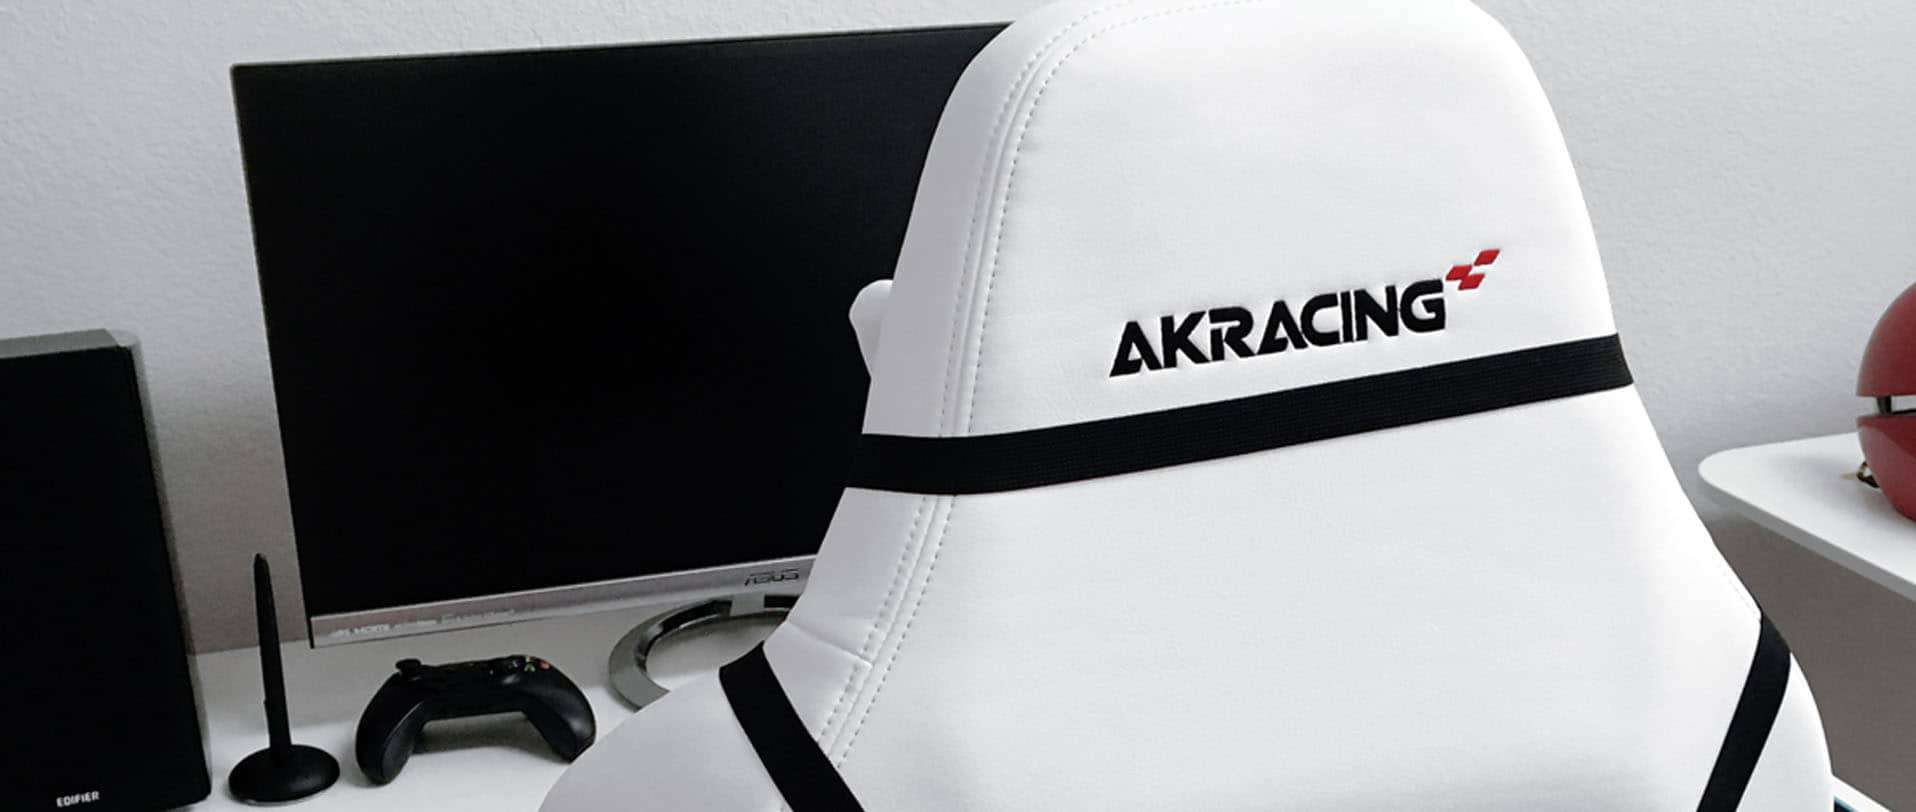 AKRacing K7 Review